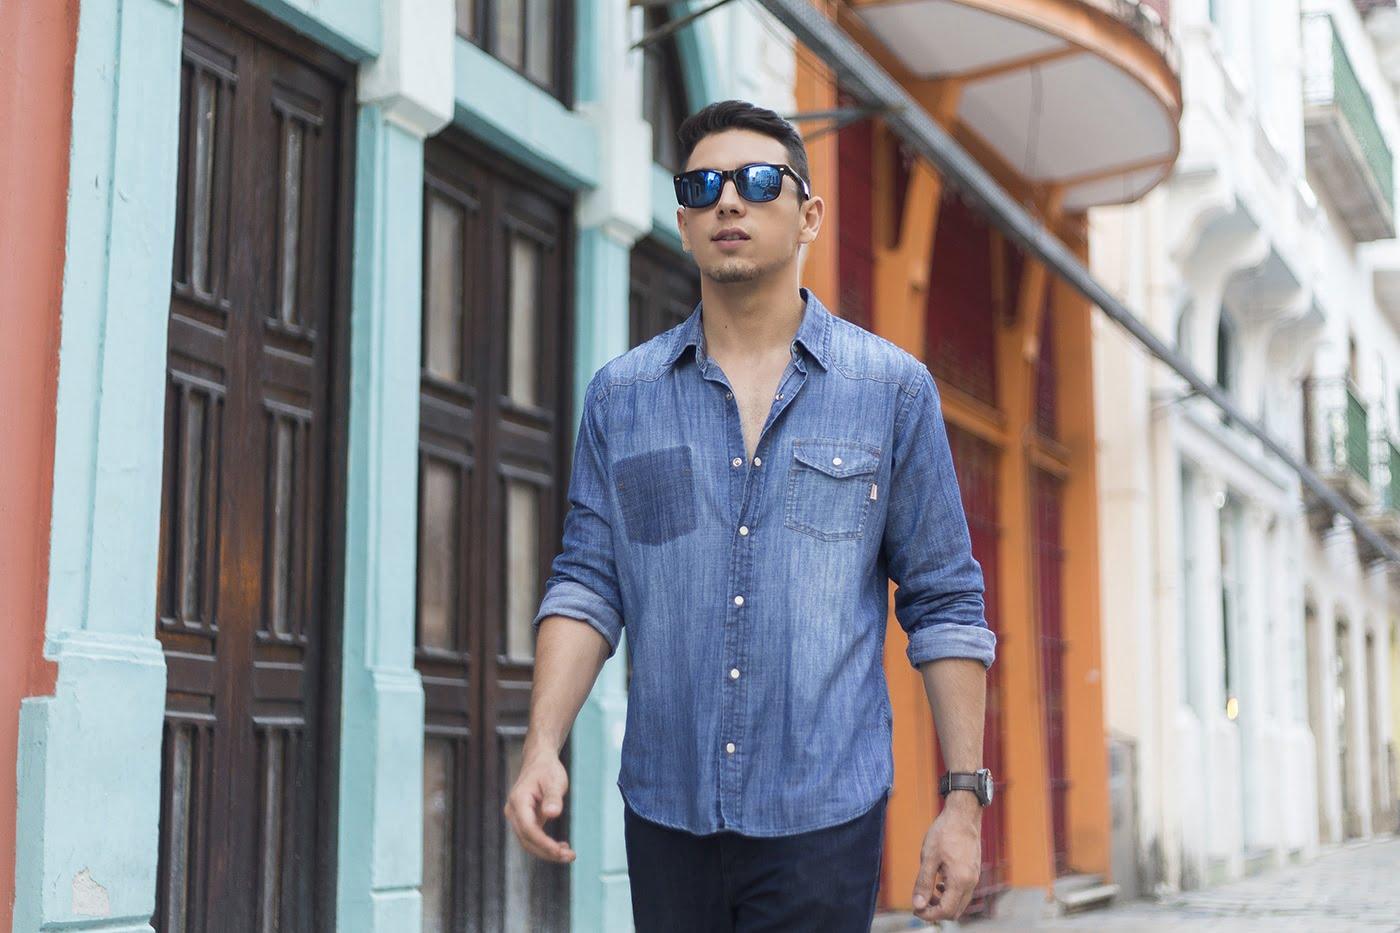 Juan Alves Total Jeans Homens que se cuidam 2